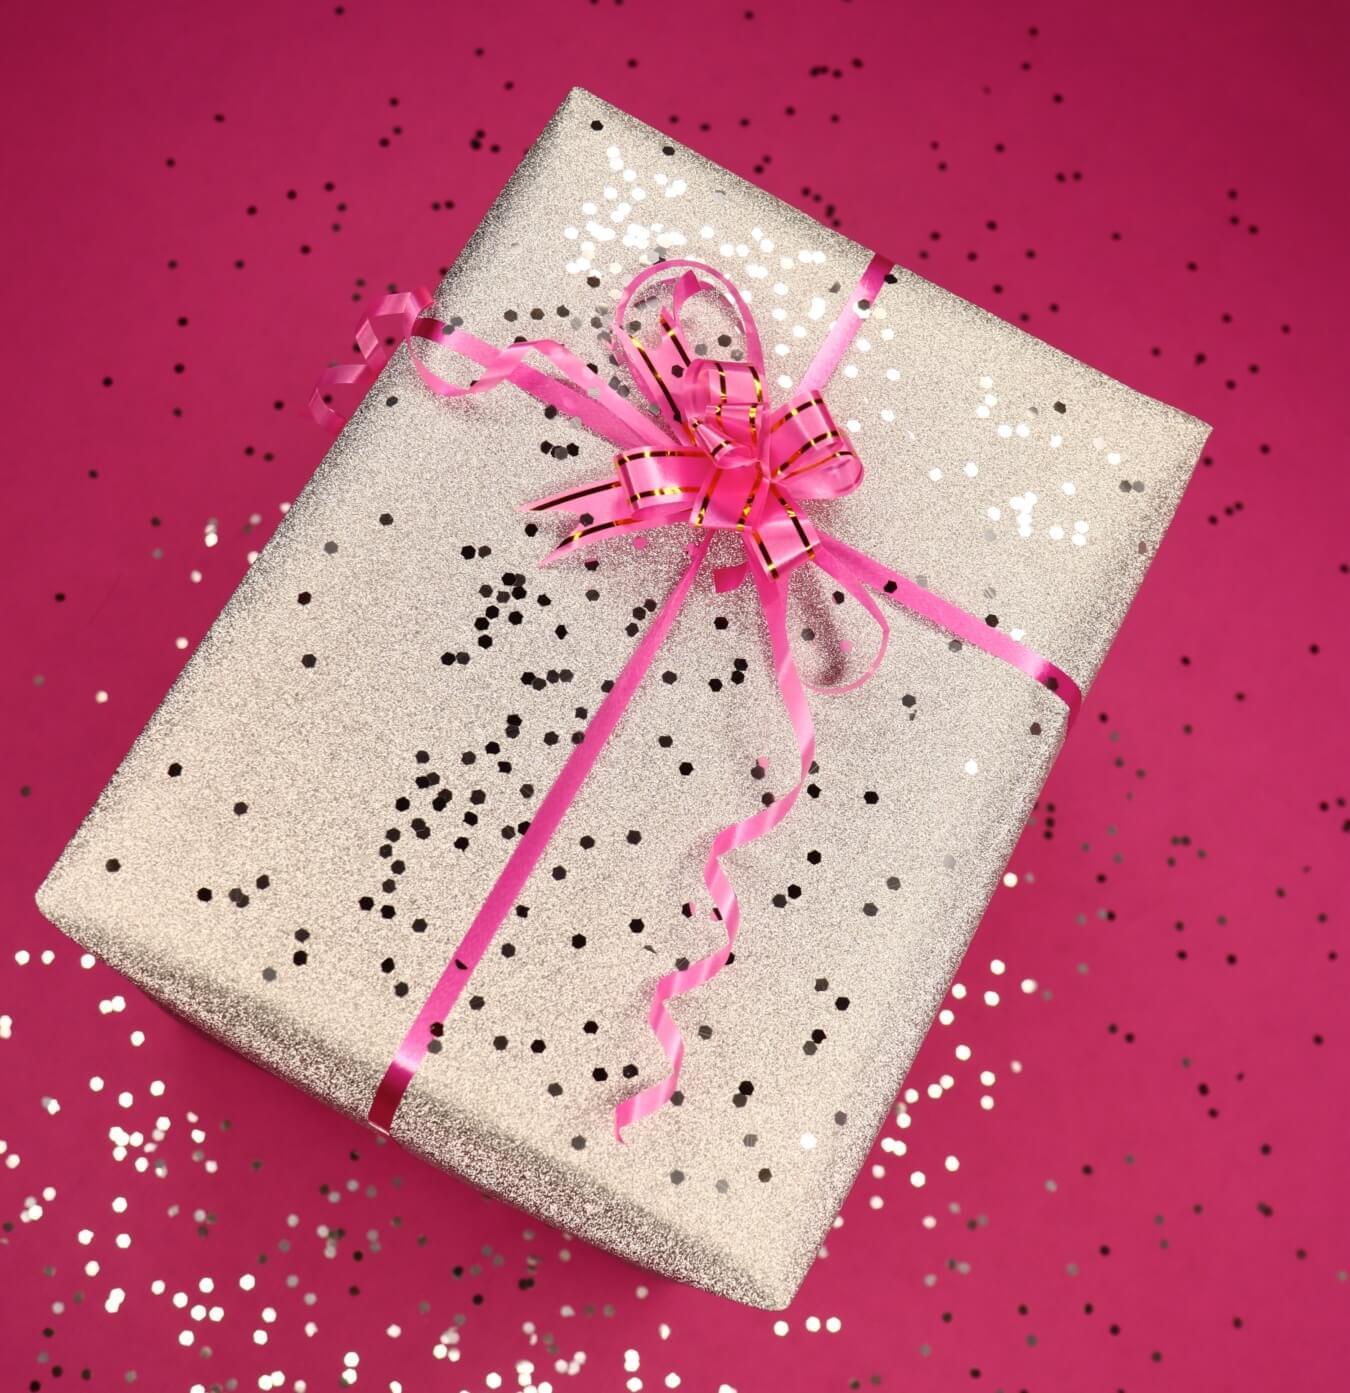 Shampoo cadeau giftservice - Hardyskeuze